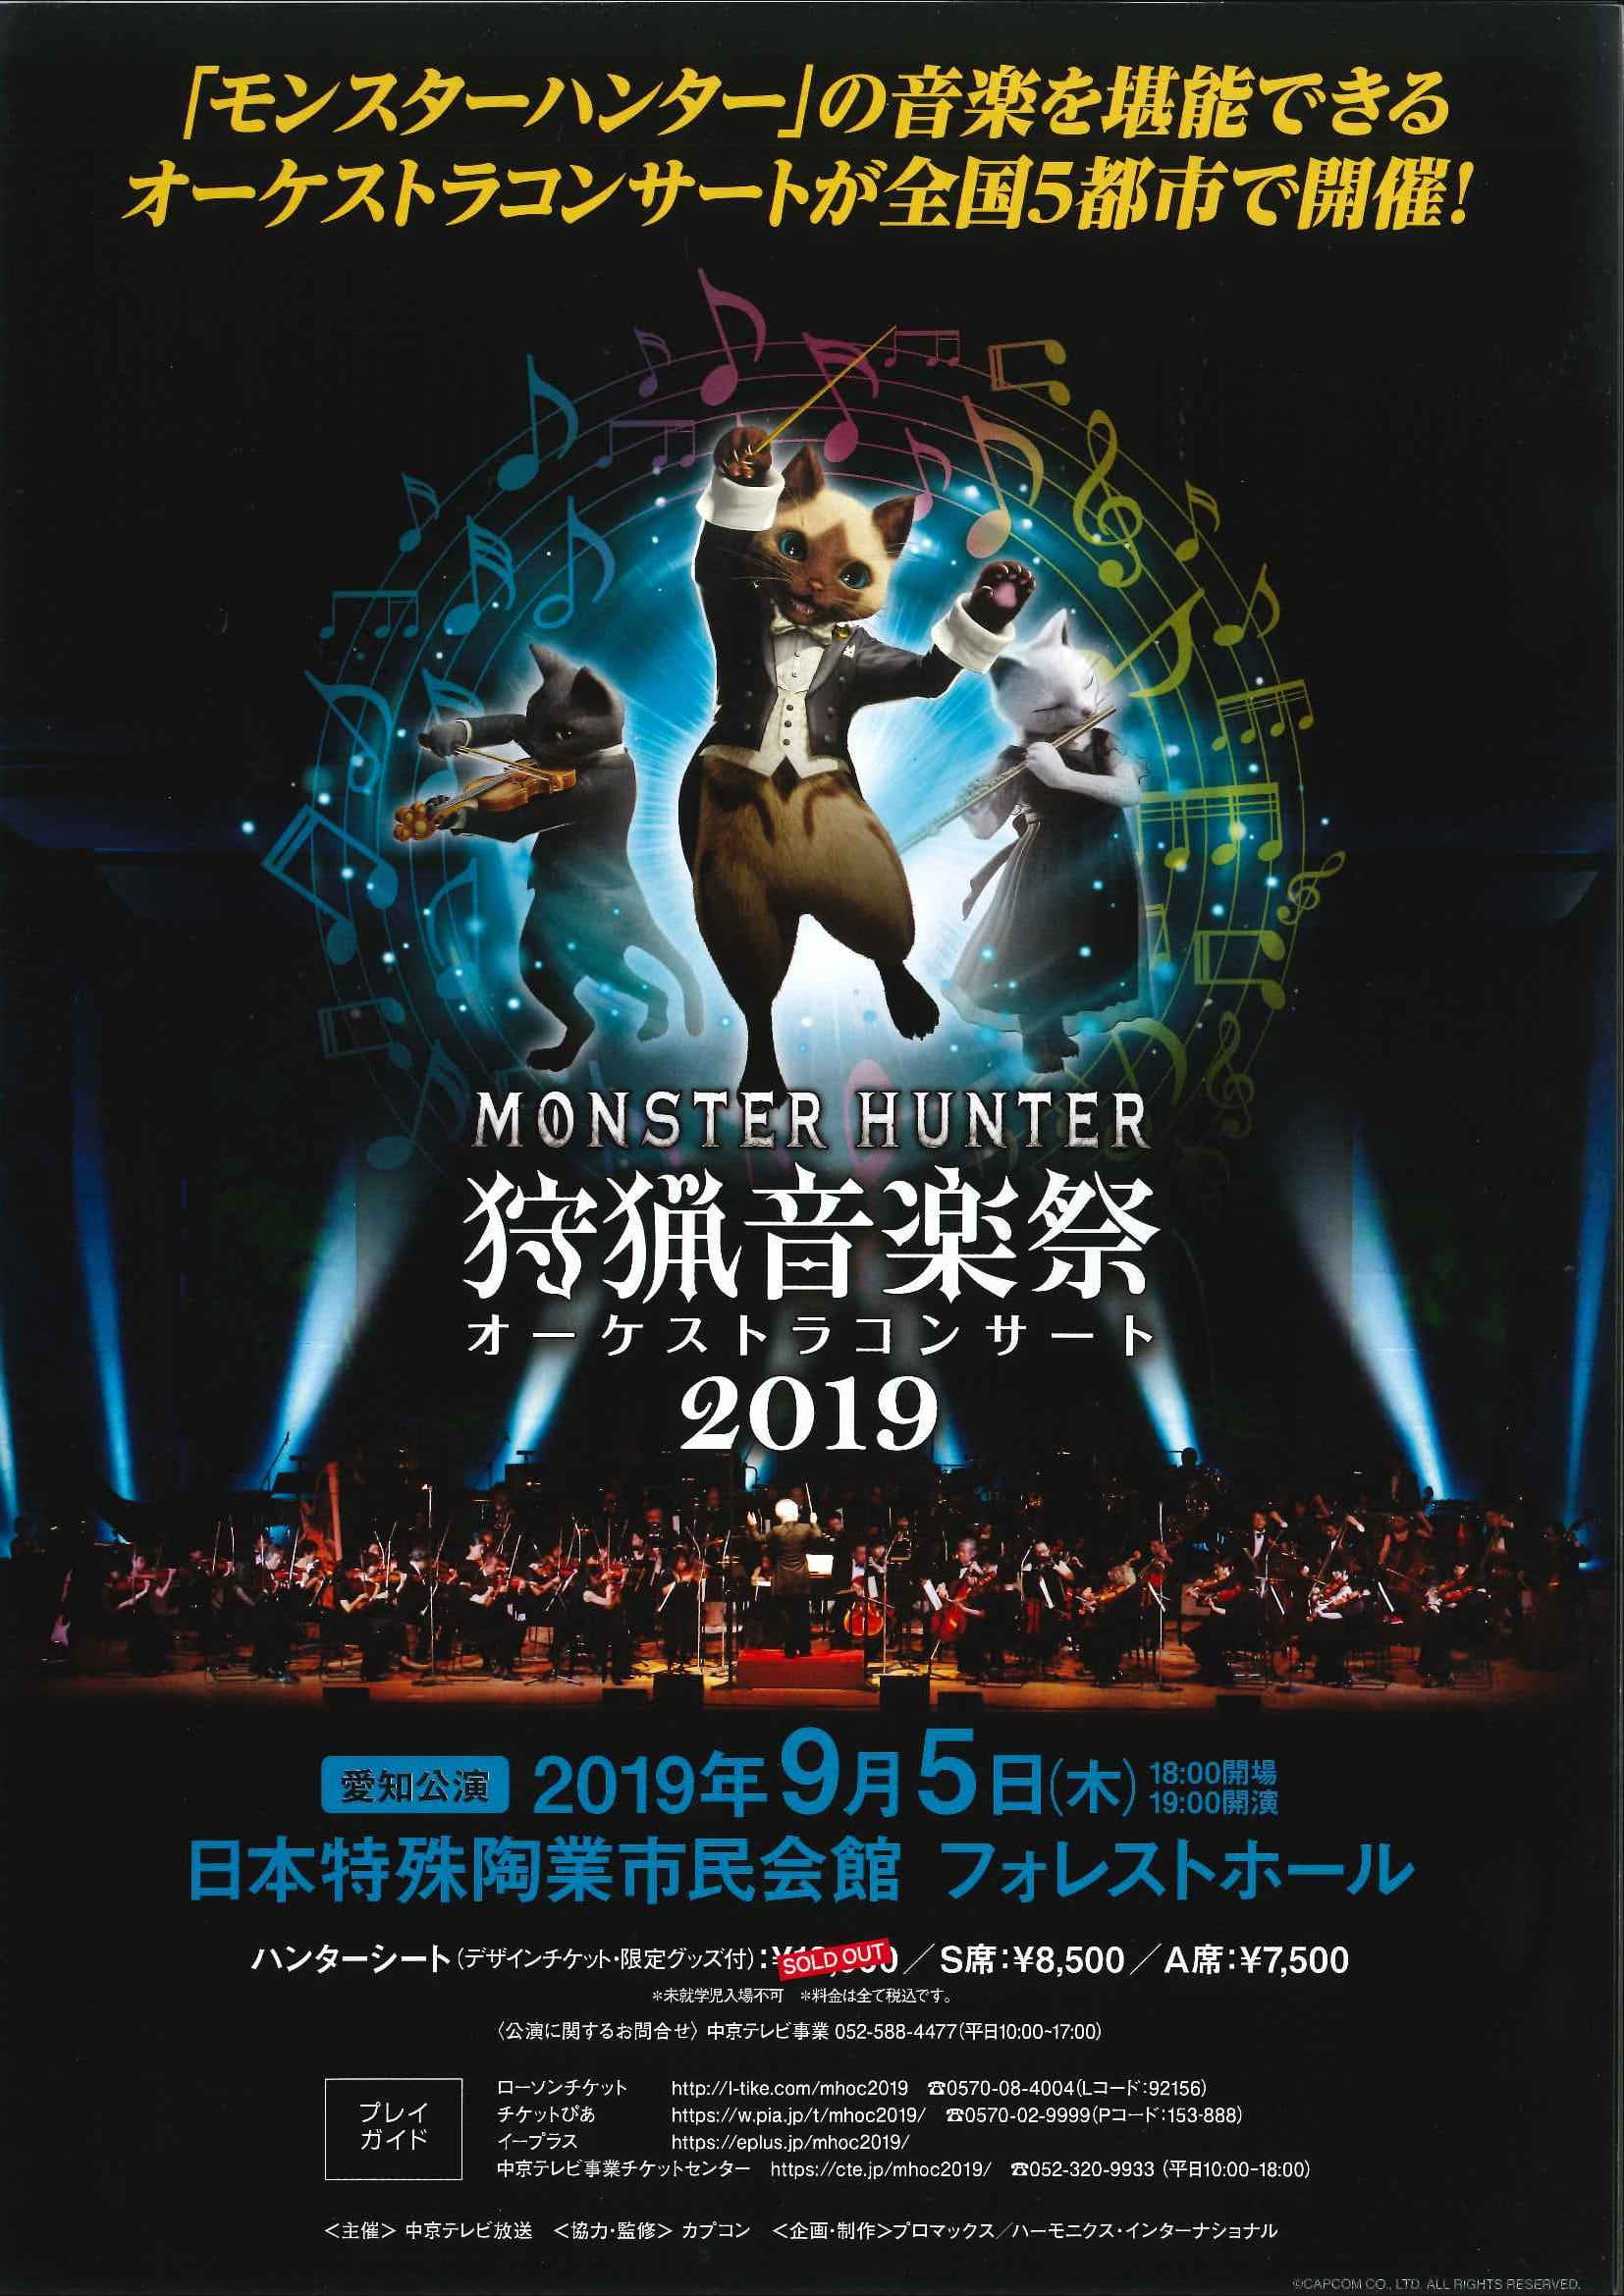 モンスターハンター15周年記念 オーケストラコンサート〜狩猟音楽祭2019〜